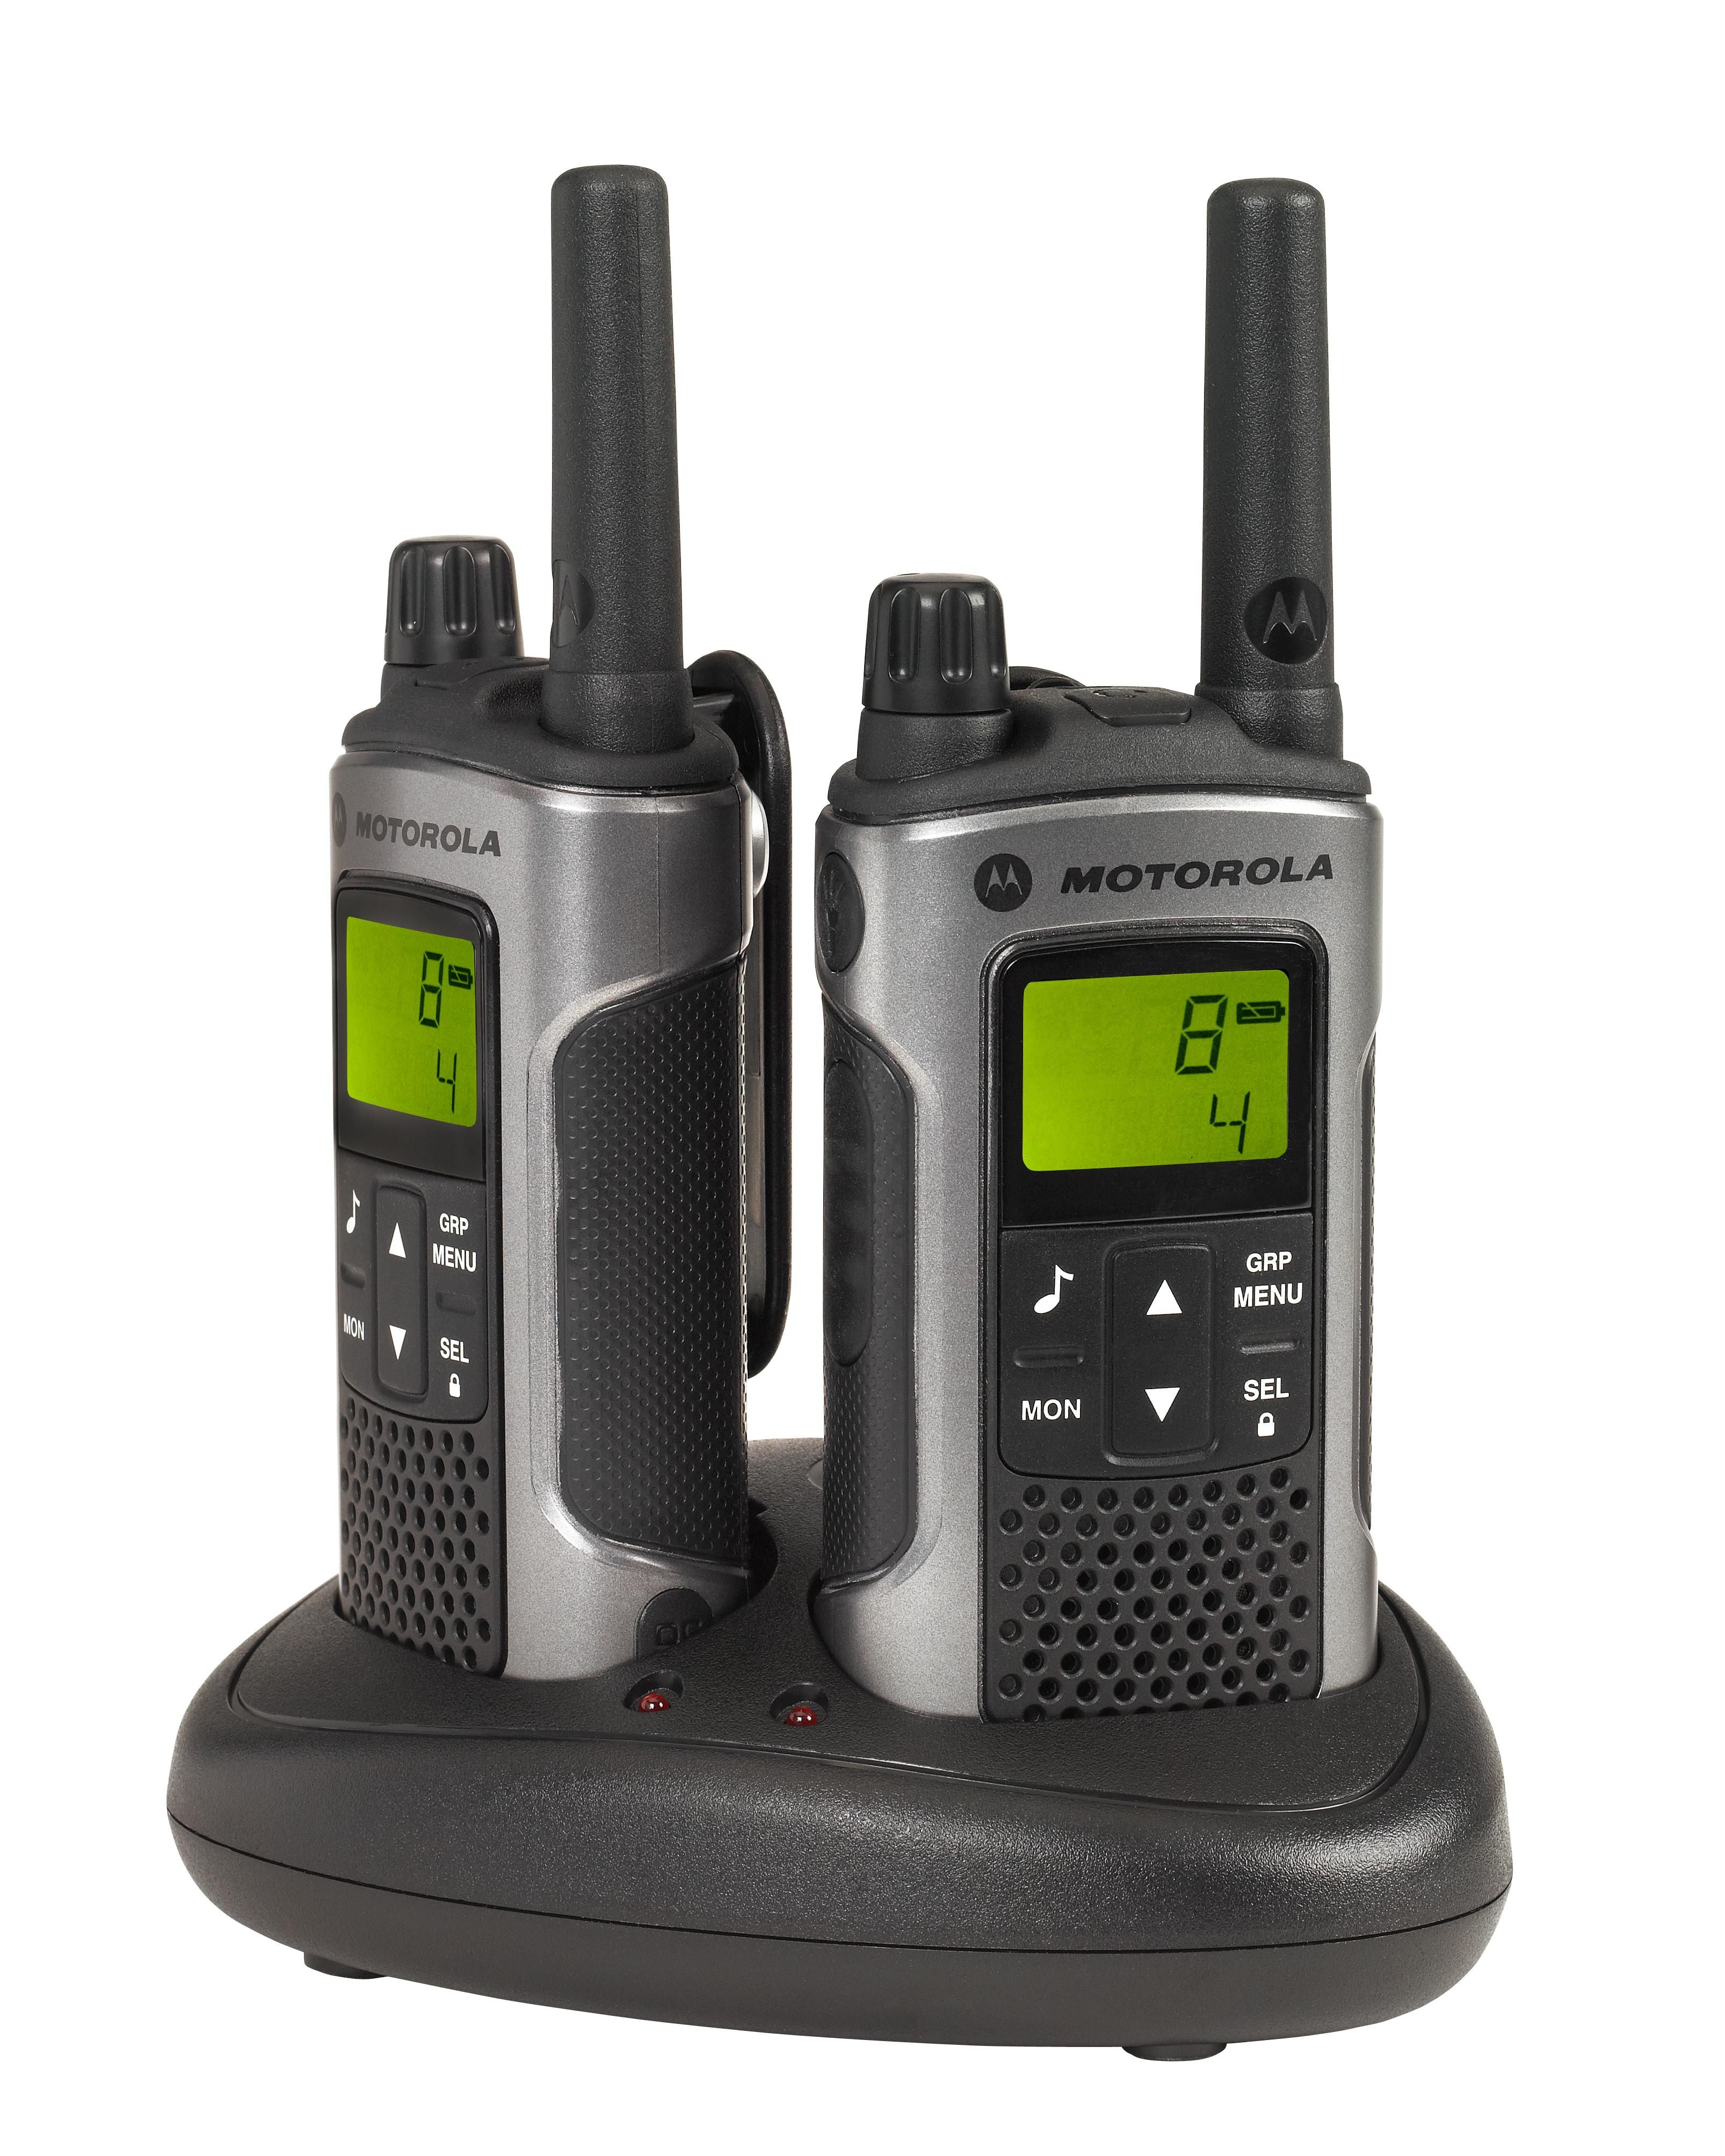 Комплект радиостанций Motorola TLKR-T80Радиостанции<br>Радиостанция Motorola TLKR T80<br>Высококачественная, надежная, но простая в использовании рация TLKR T80 предоставляет все характеристики, необходимые для таких экстремальных сред. Умопомрачительные функциональные возможности, включая рабочий диапазон до 10 км*, удобный встроенный светодиодный фонарик и корпус с защитой от брызг — рация TLKR T80 позволяет оставаться на связи.<br>Для использования рации T80 не требуется лицензия, рация отличается такими основными характеристиками, как ЖК-дисплей, 8 каналов и диапазон действия 10* км без платы за разговоры.<br><br>Тип: Комплект радиостанций<br>Диапазон частот: 446.006-446.094 МГц<br>Радиус действия: 10 км.<br>Количество каналов: 8 каналов и 121 код обеспечивают 968 комбинаций каналов.